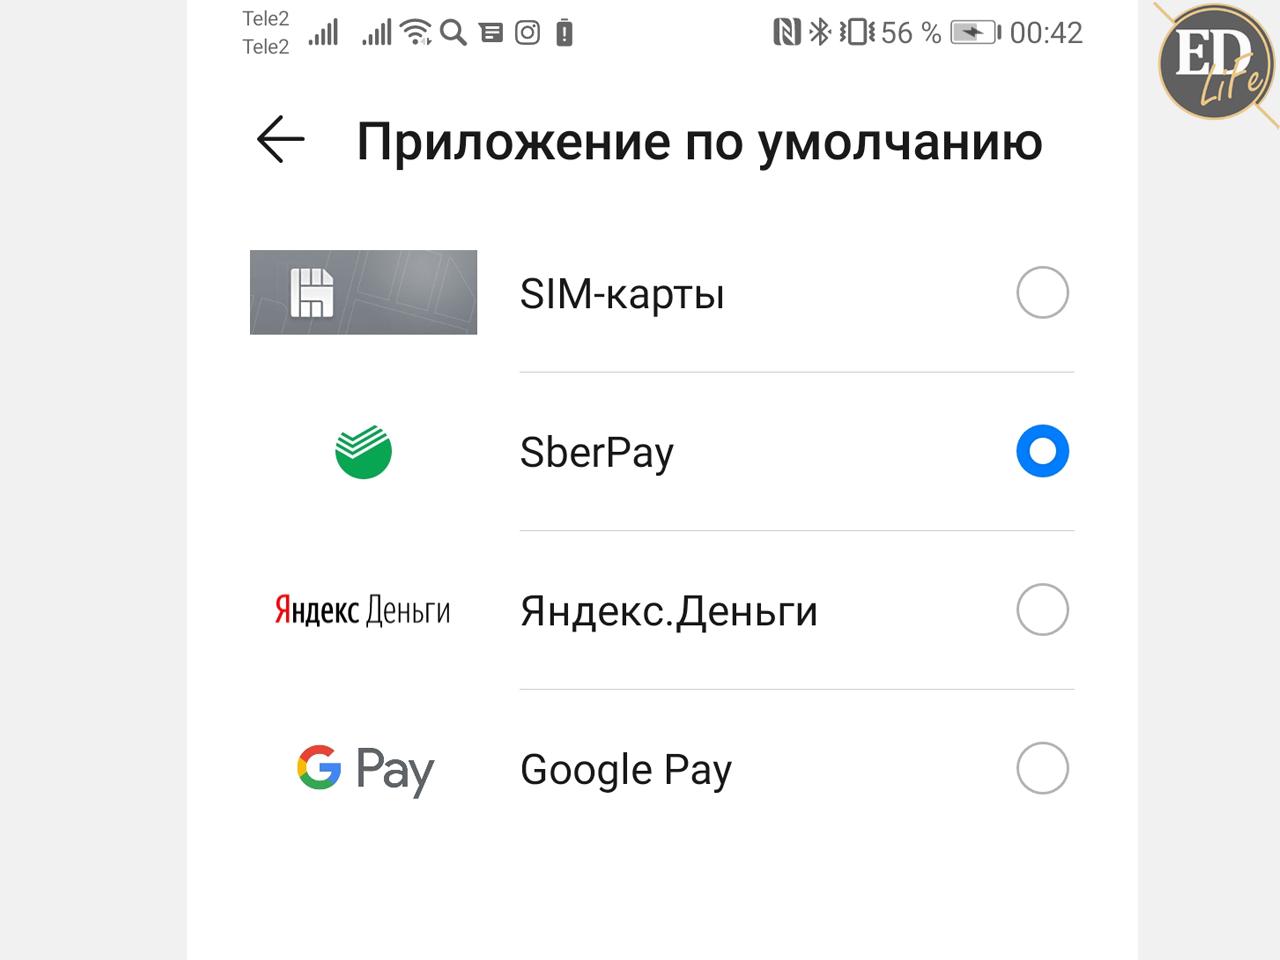 SberPay - платежное приложение по умолчанию, Android